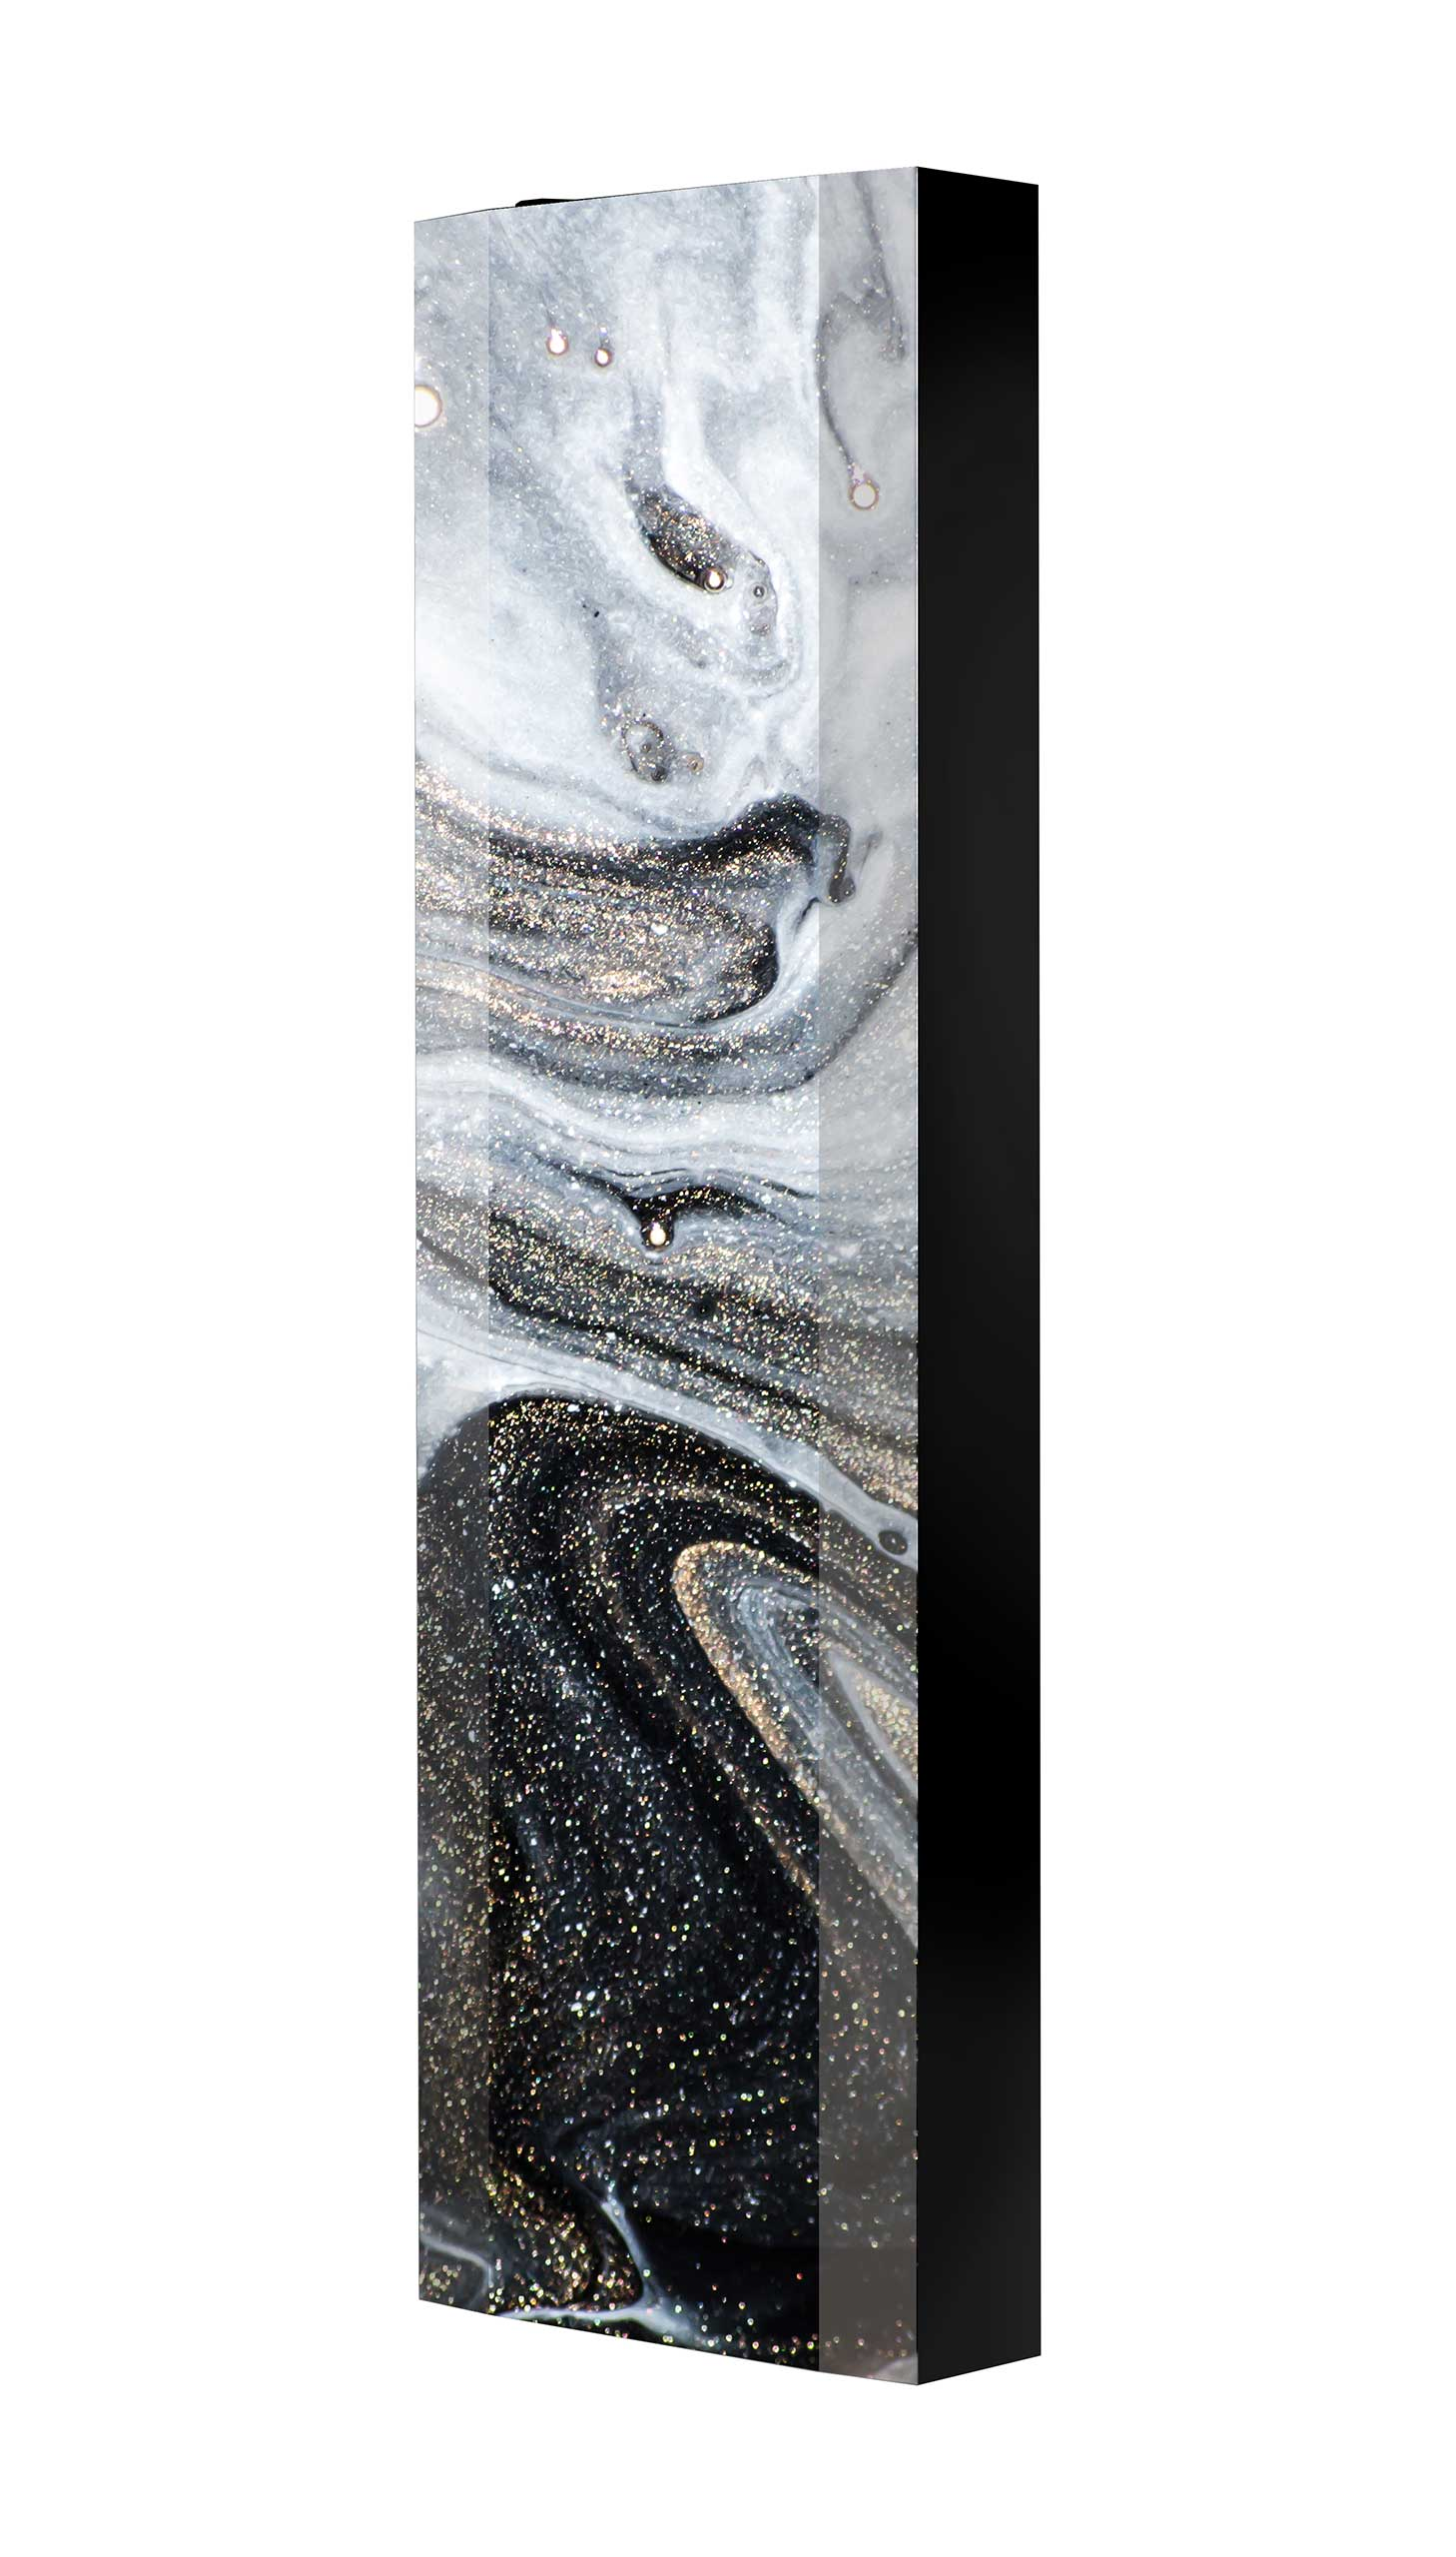 Schuhschrank FLASH 450 BLACK-EDITION Motivschrank schwarz drehbar M107 Kunst Modern